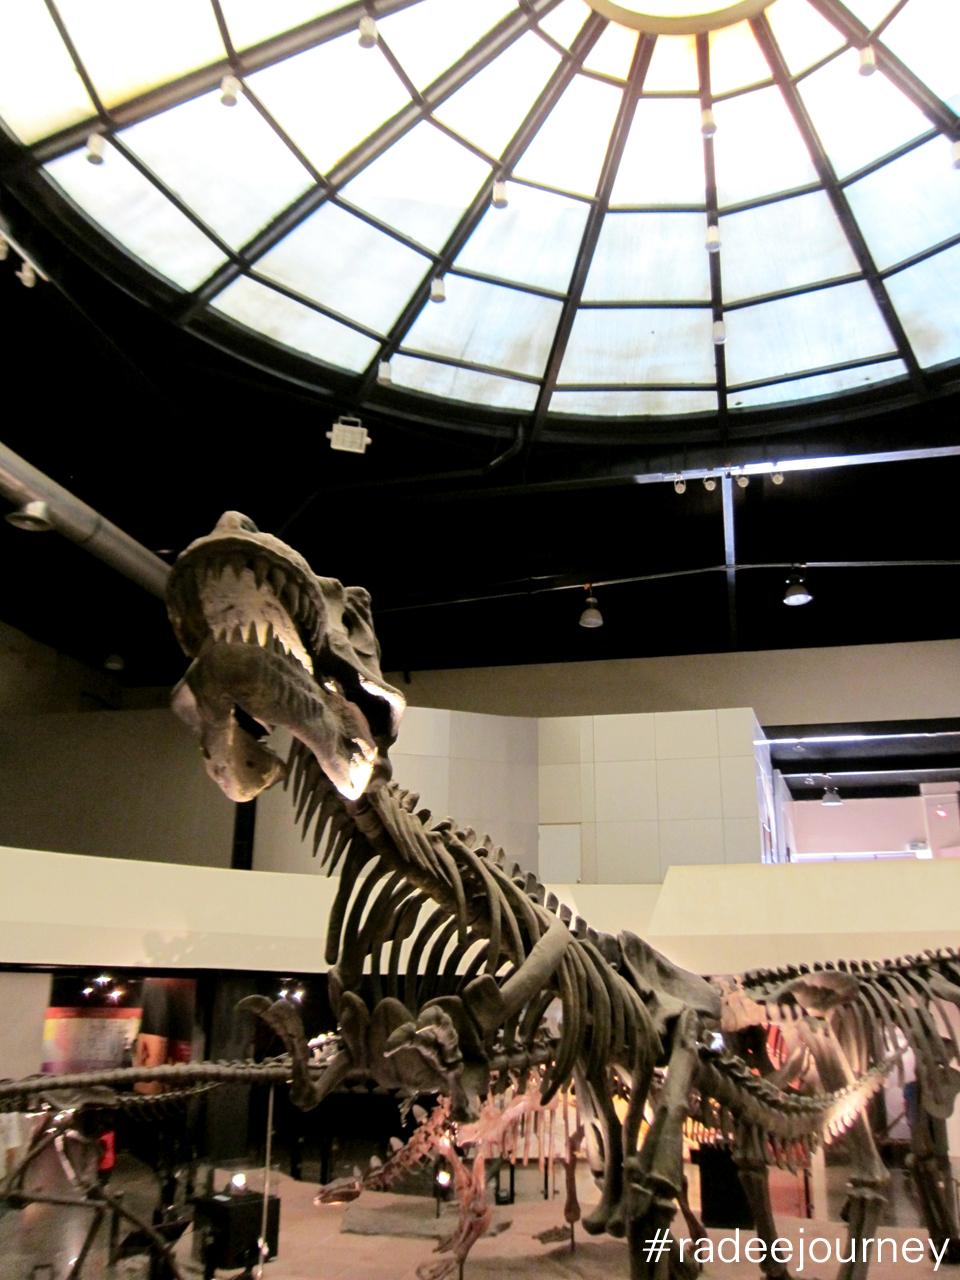 ด้านในพิพิธภัณฑ์ไดโนเสาร์4